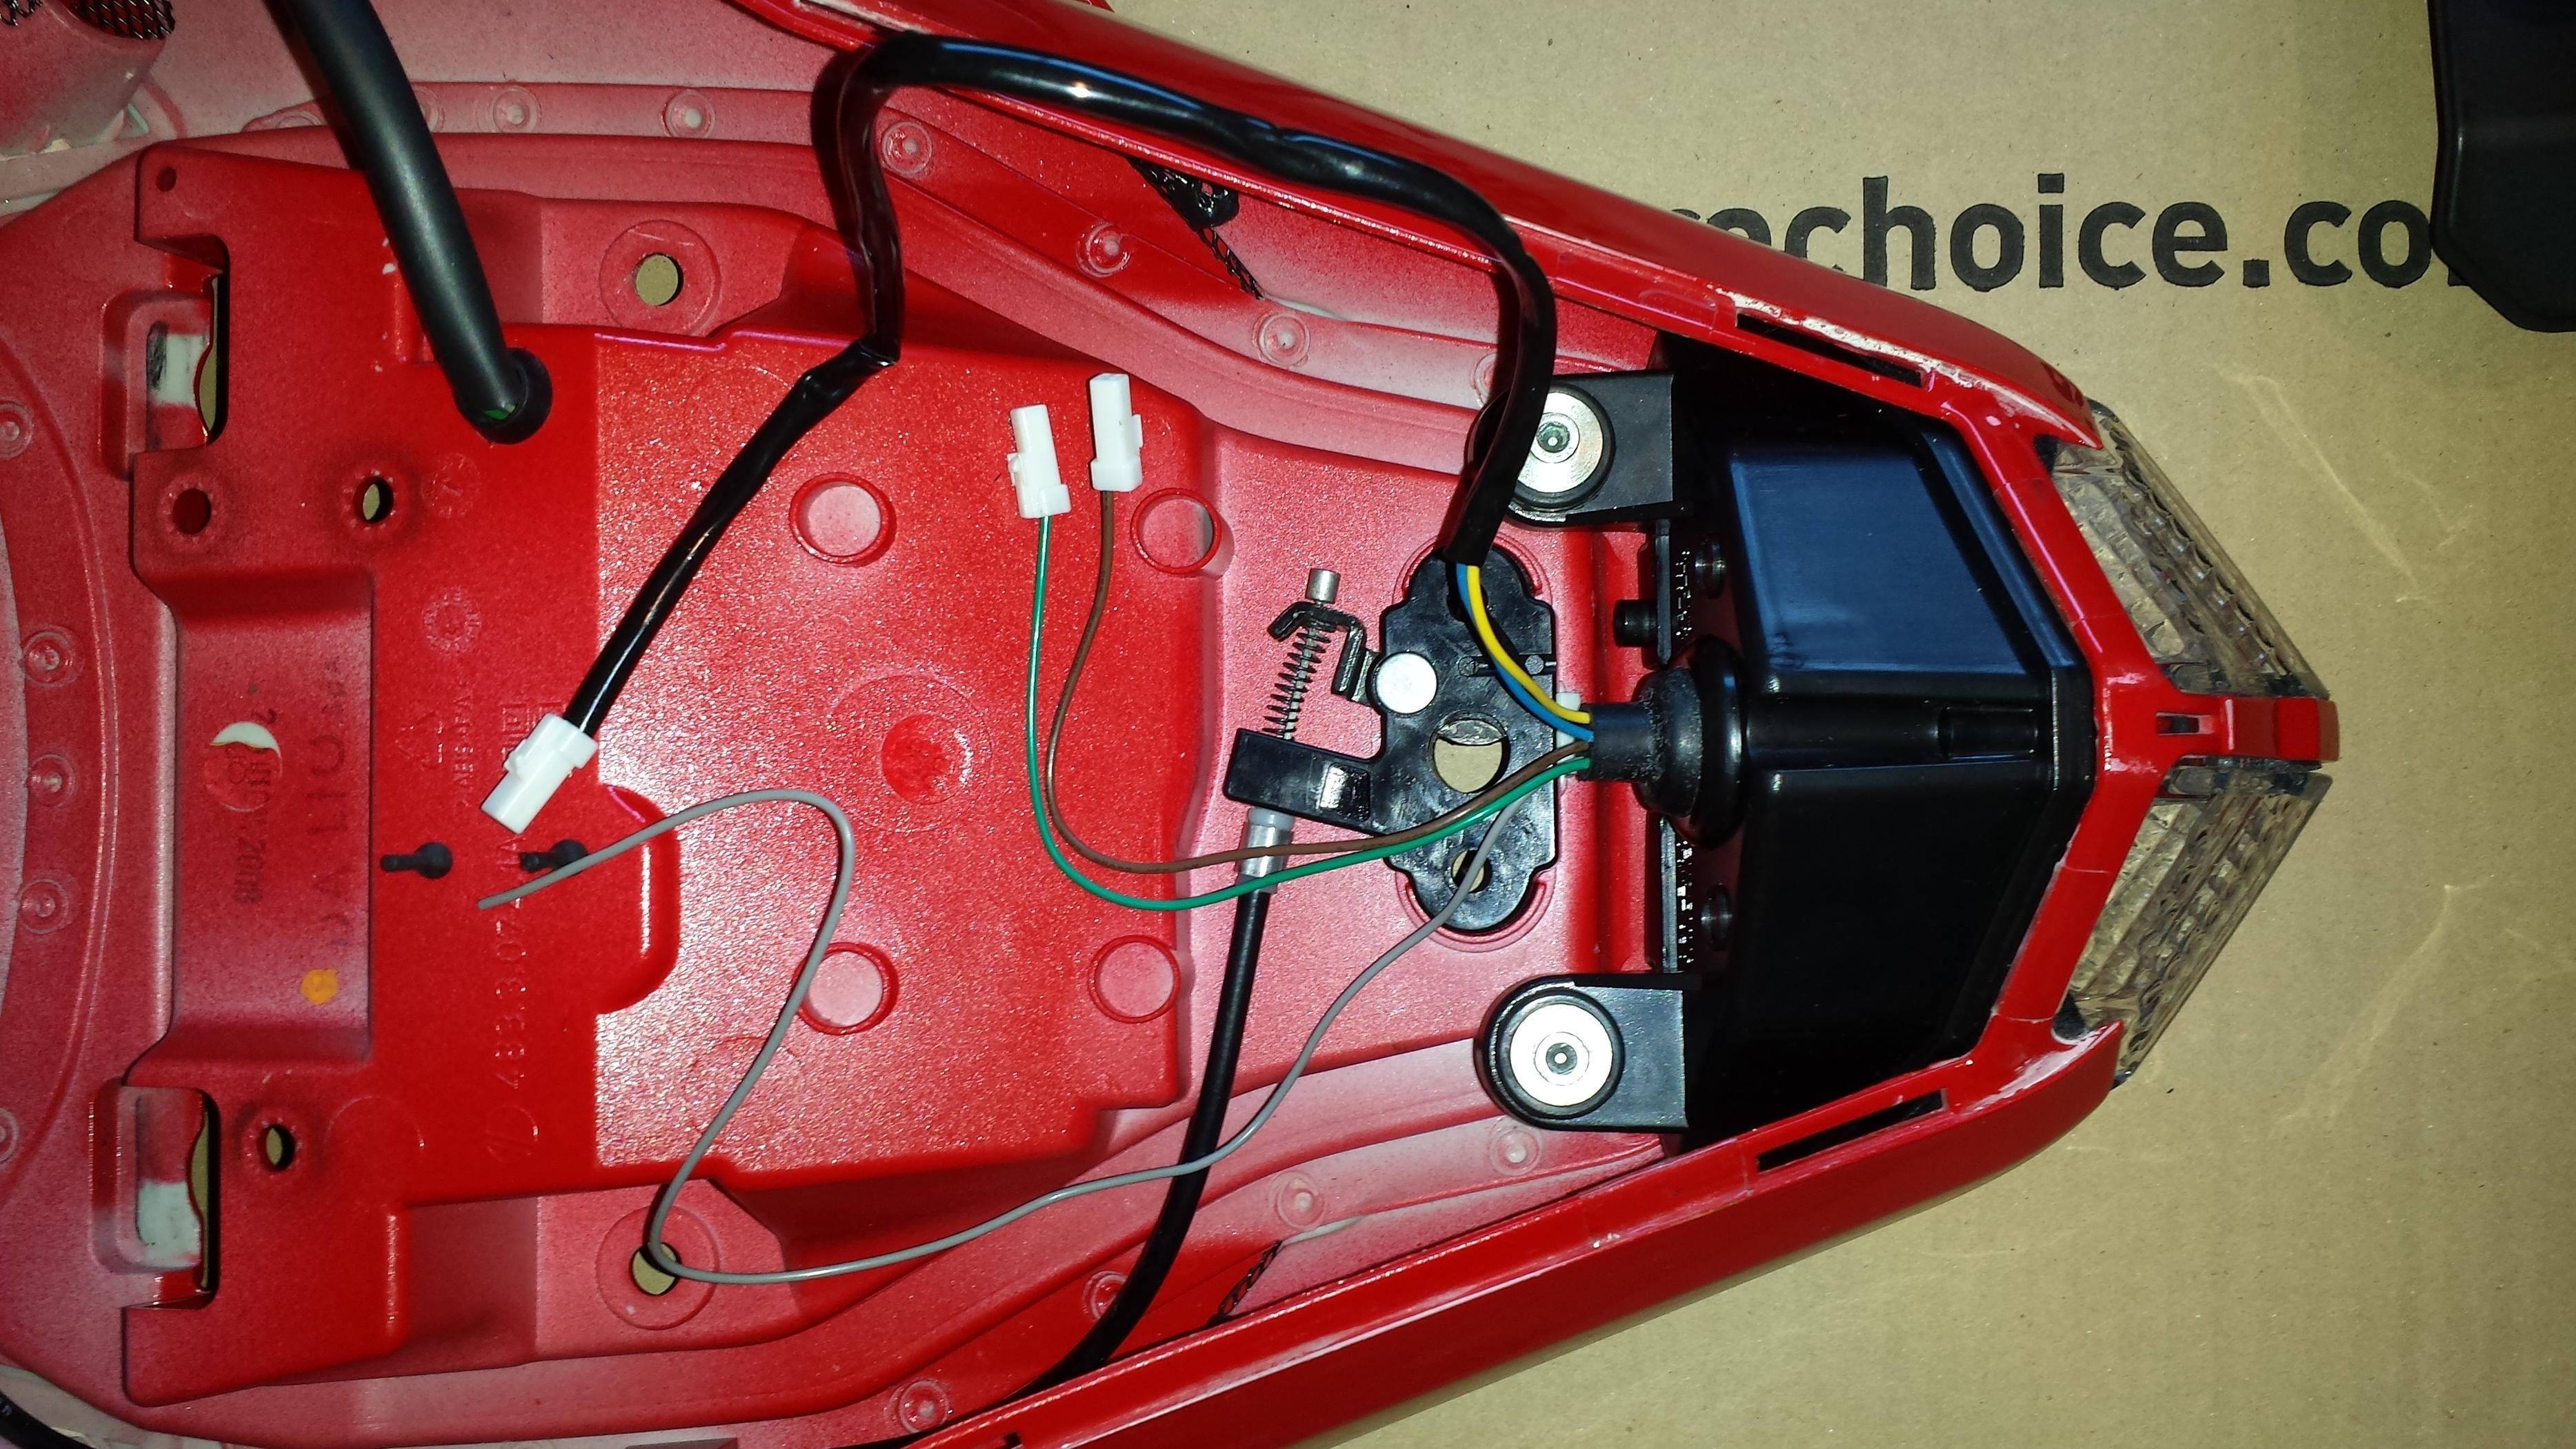 CY_5257] Led Tail Light Wiring On Wiring Diagram Ducati Led Tail LightPhae Sapebe Mohammedshrine Librar Wiring 101